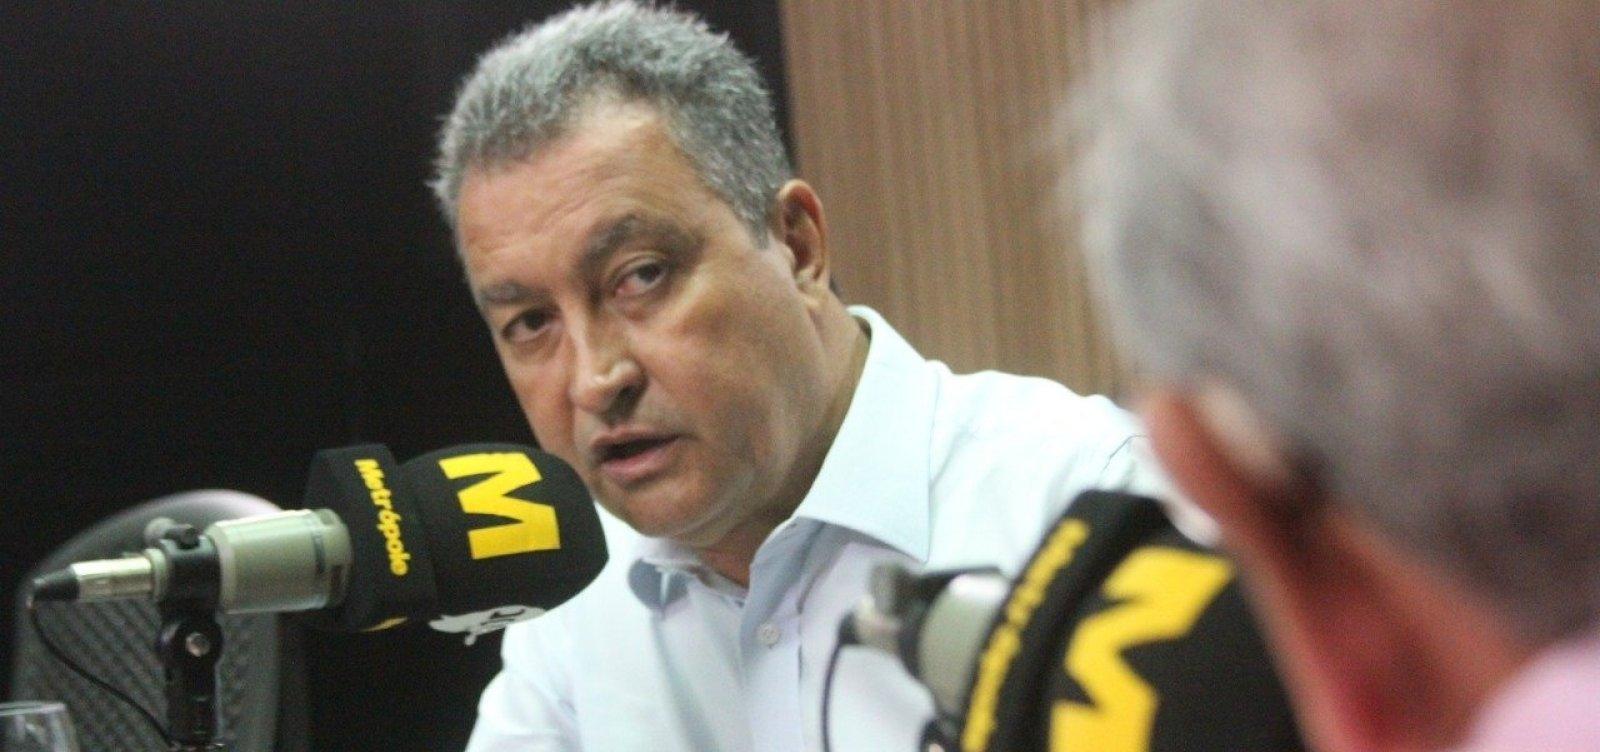 Rui relata ter pedido a Dilma 'desapego' ao cargo antes de afastamento por impeachment